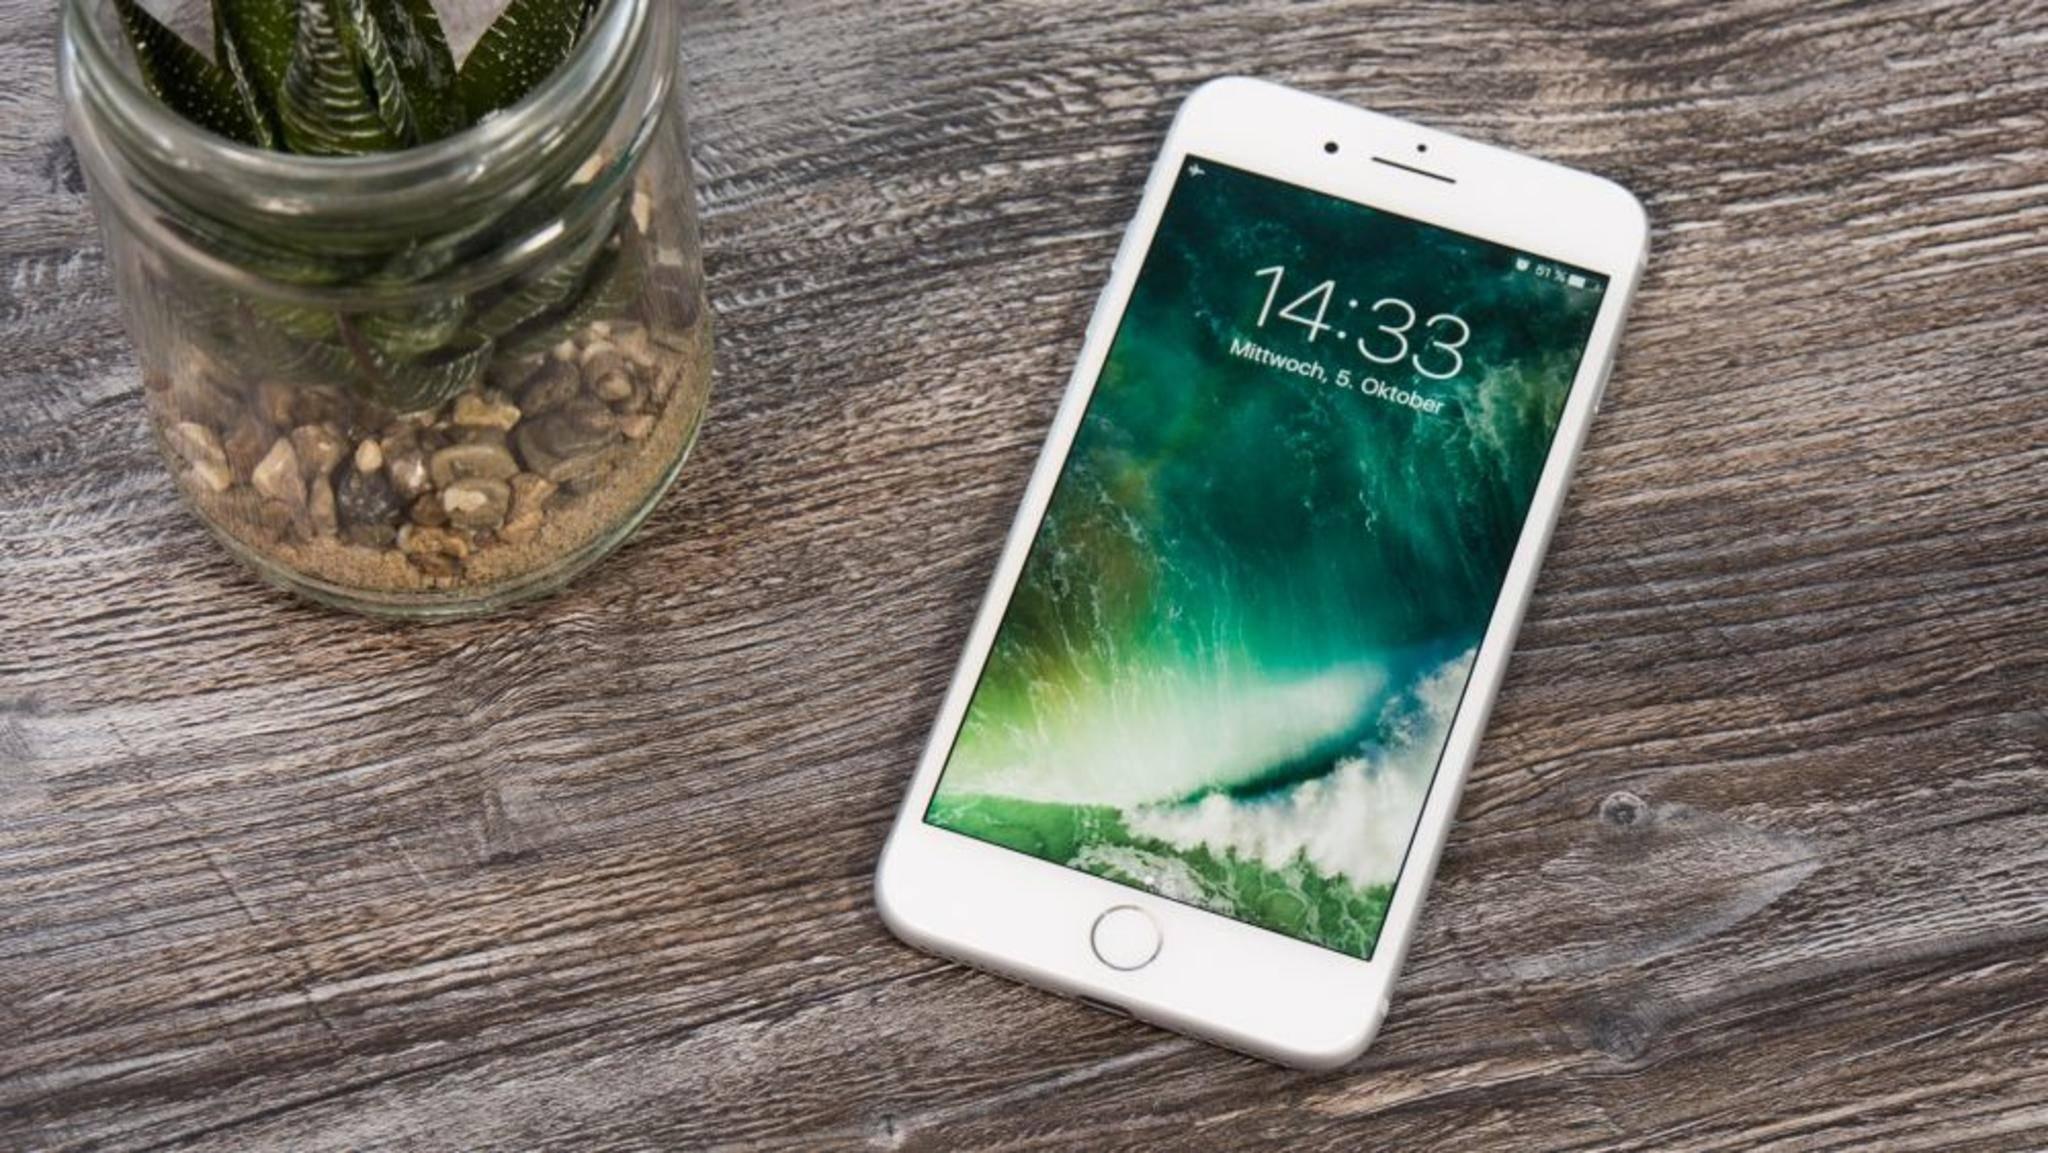 Das iPhone 7 strahlt ordentlich, aber bleibt weit unter dem gesetzlichen SAR-Wert.